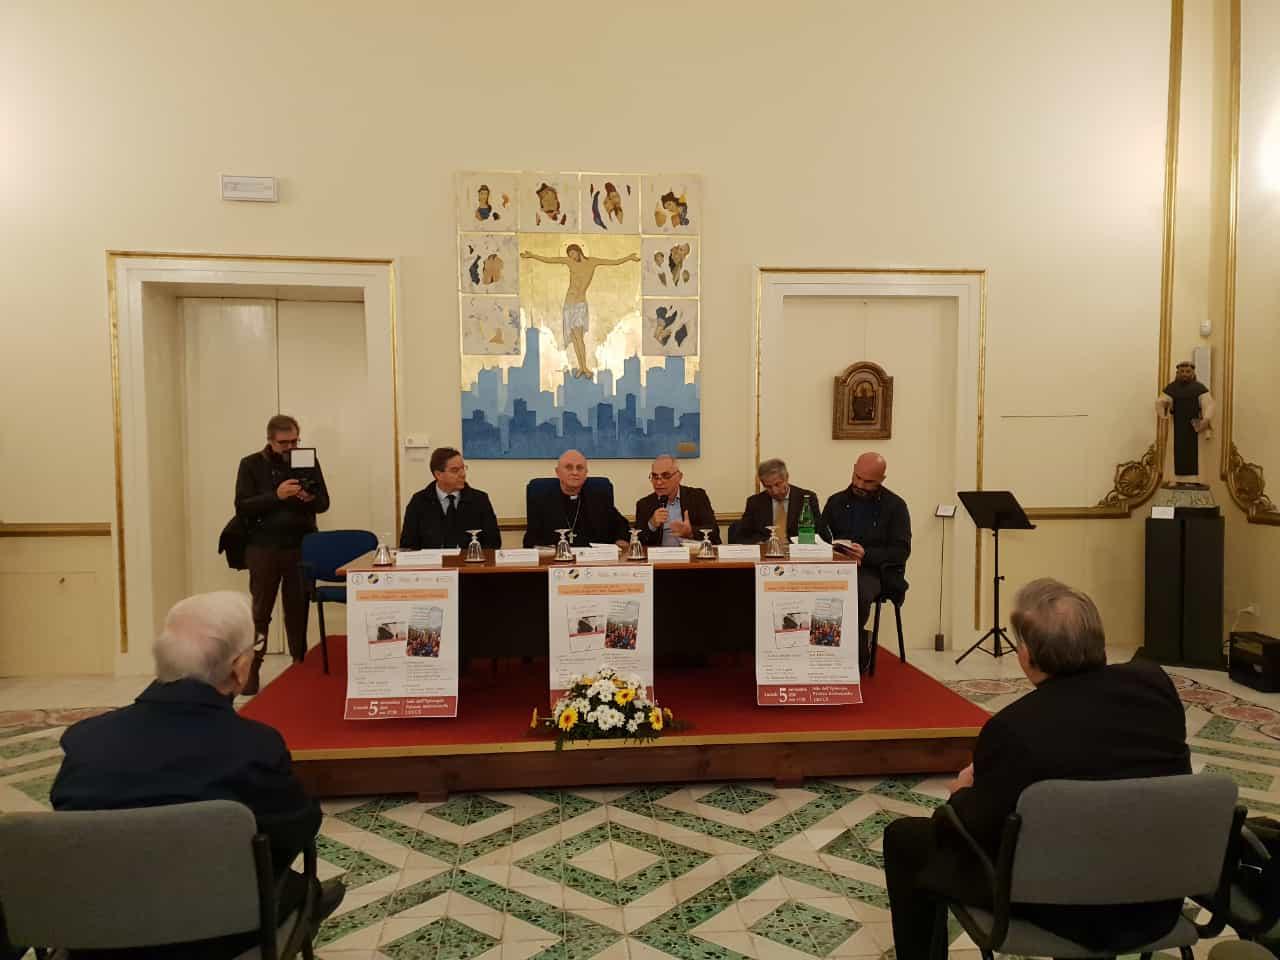 Presentazione libro del Vescovo – Episcopio di Lecce 5.11.2018 (4)